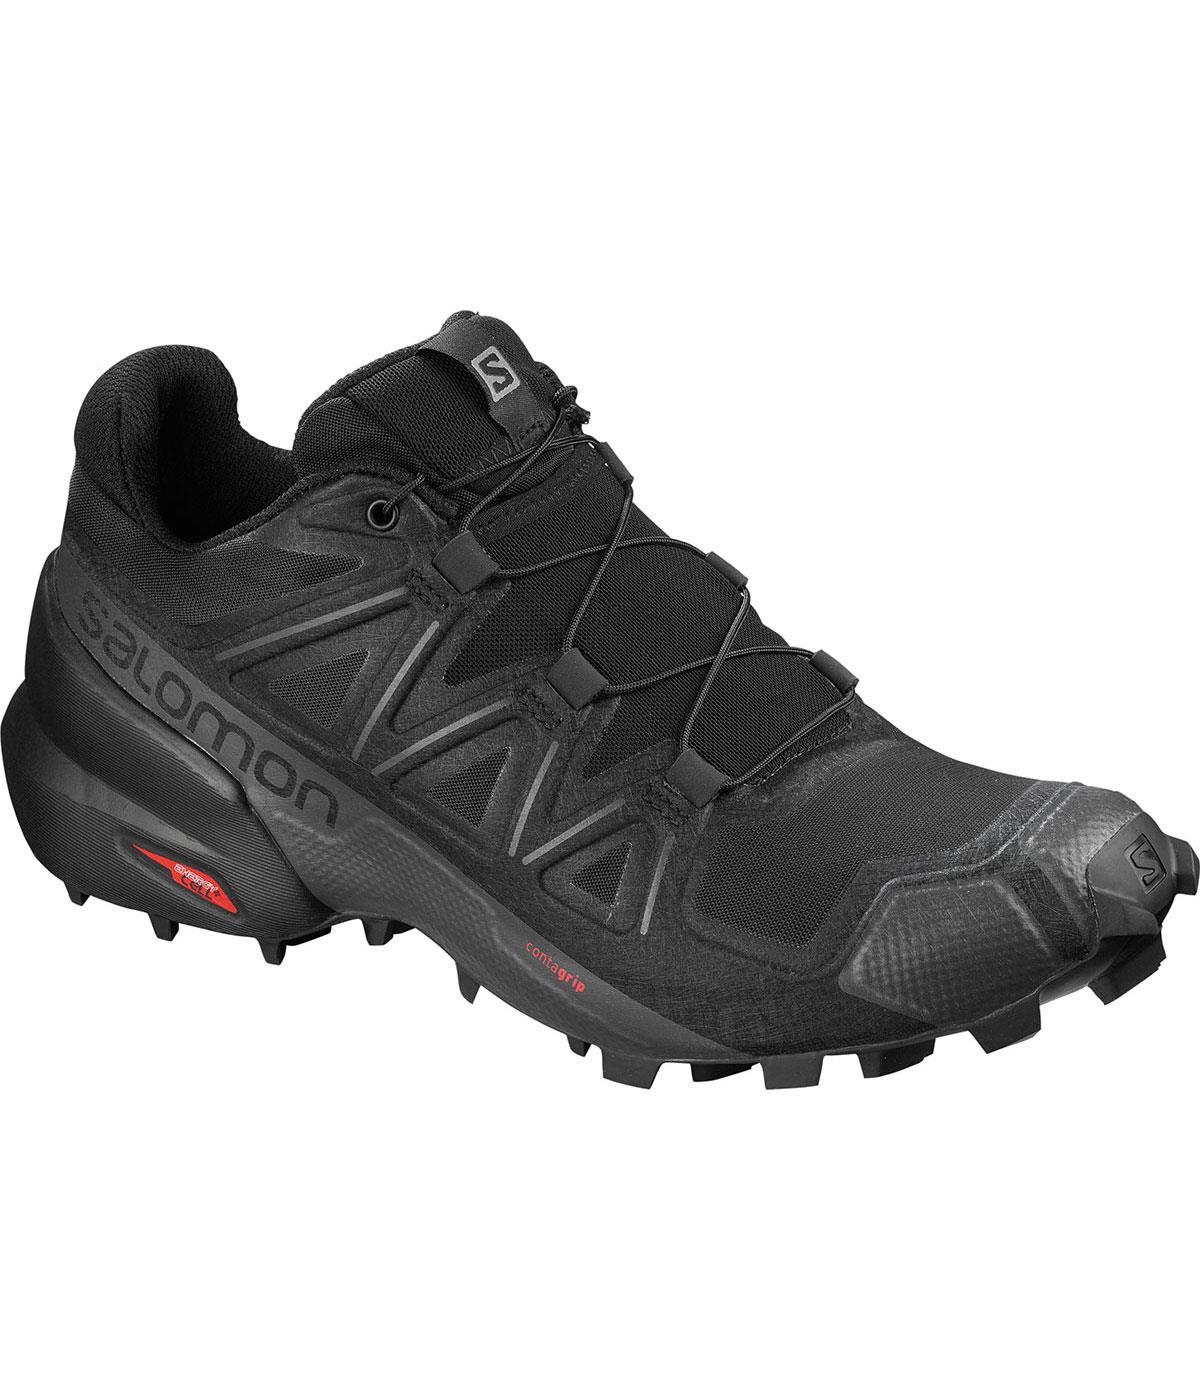 Salomon SPEEDCROSS 5 W Bayan Koşu Ayakkabısı L40684900